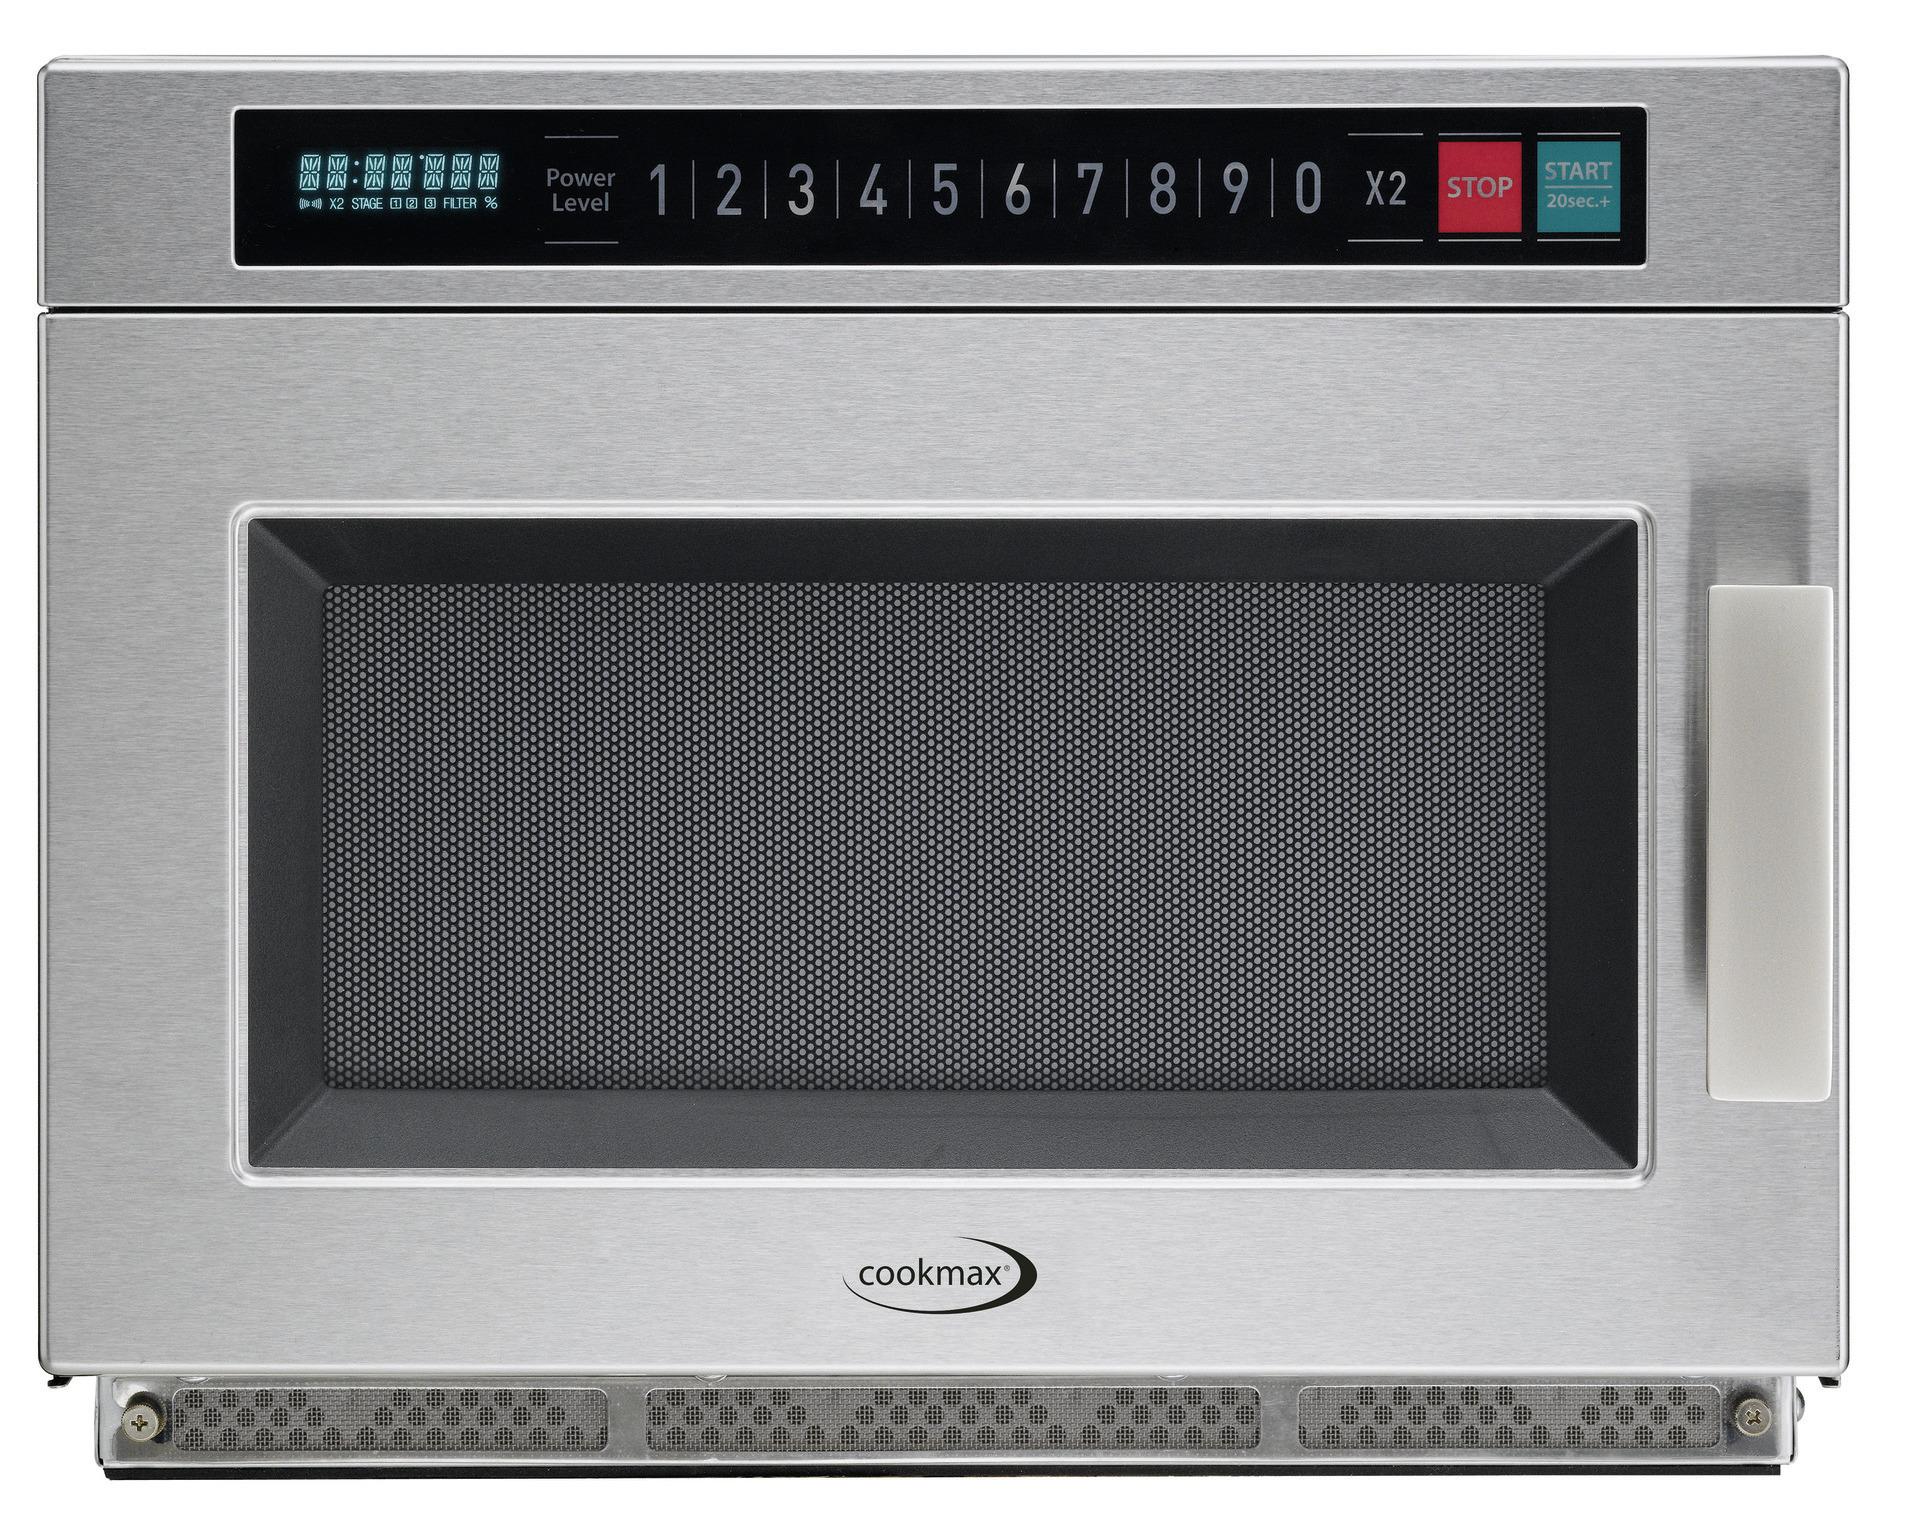 Gewerbe-Mikrowelle, Automatik, 1.800 W, 27 l, 465 x 587 x 370 mm